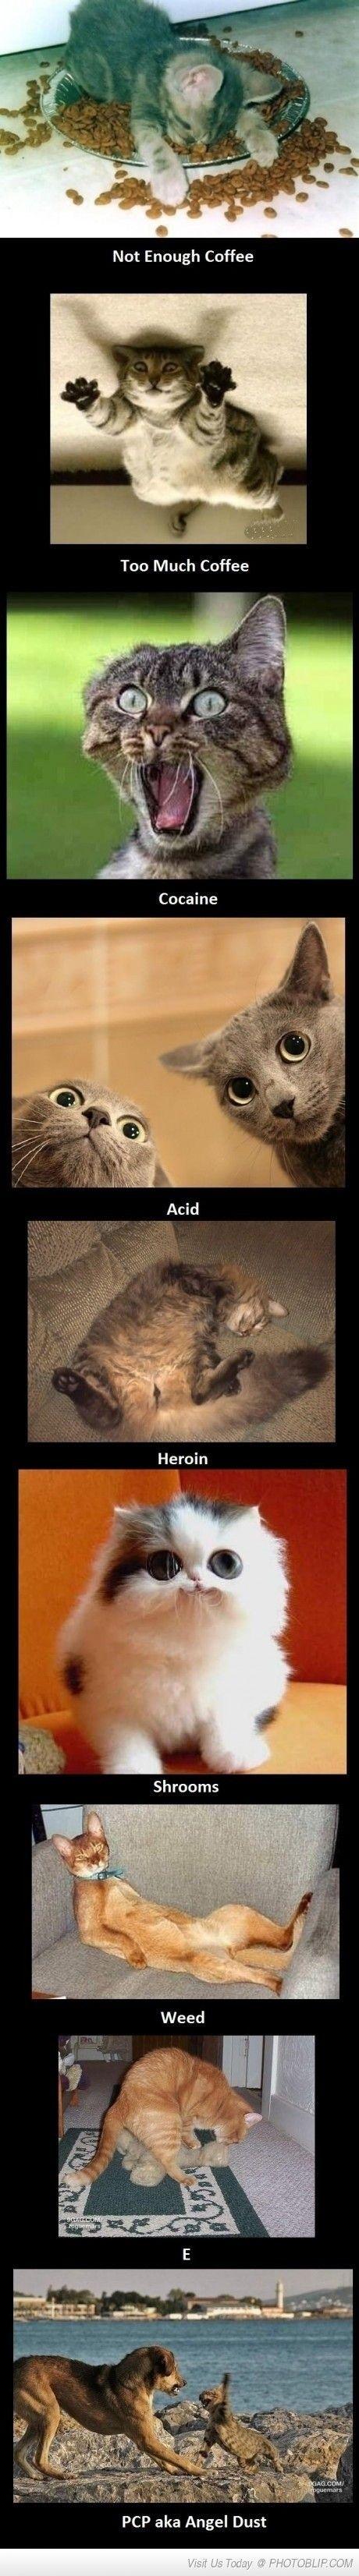 Animals Are Weird